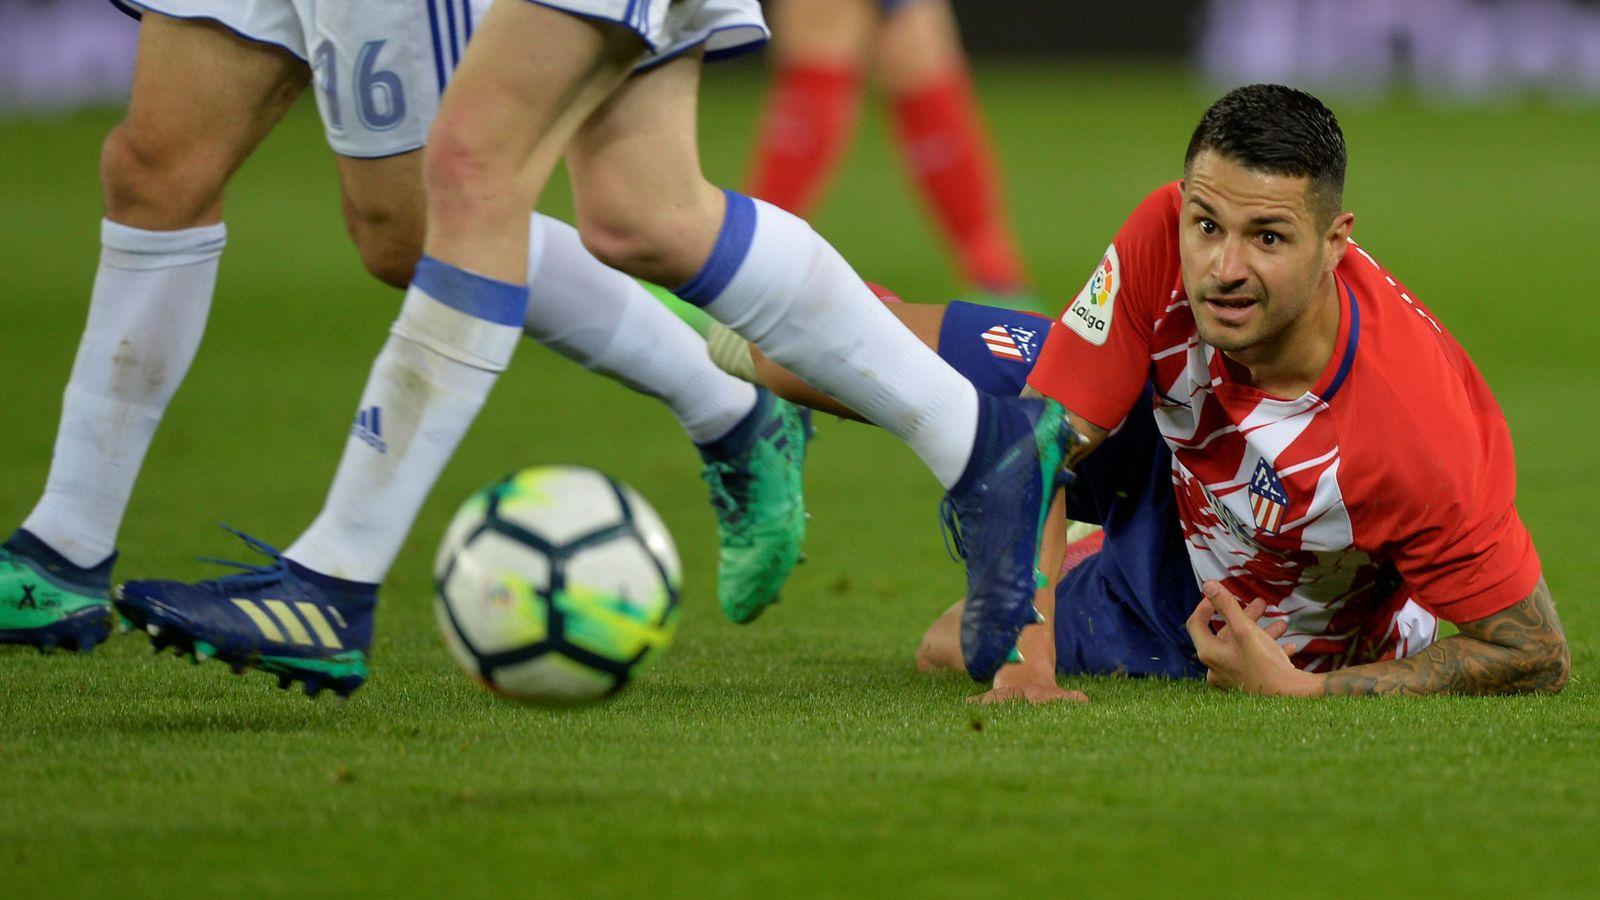 Foto: Vitolo, por los suelos, durante un partido disputado con el Atlético de Madrid en el Metropolitano. (EFE)